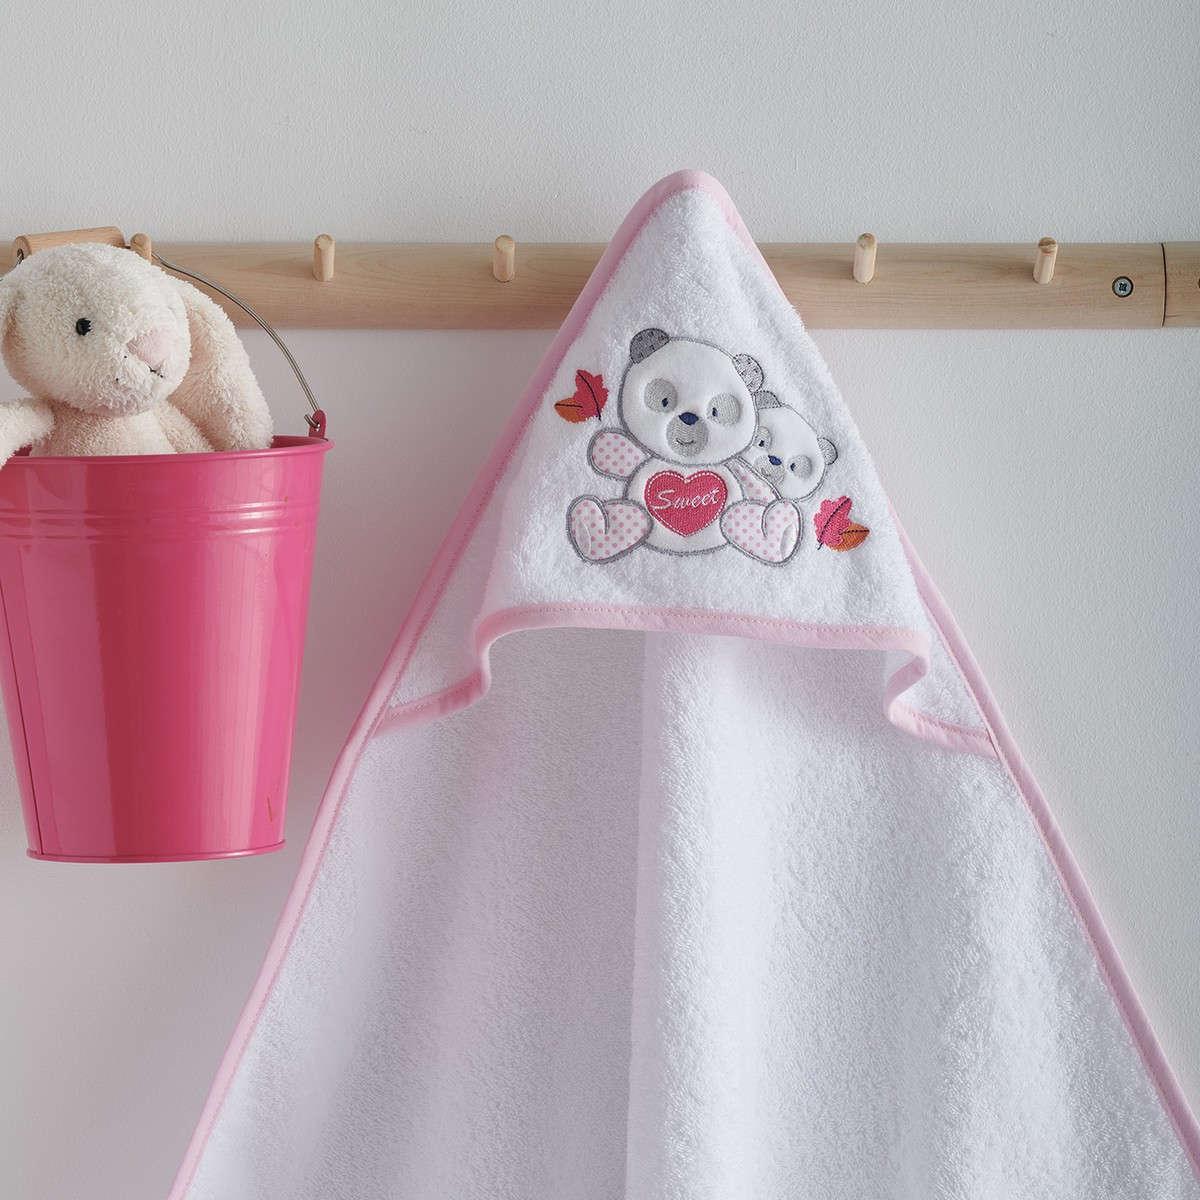 Κάπα Βεφική Με Κέντημα Panda Pink Sb Home 0-2 ετών One Size